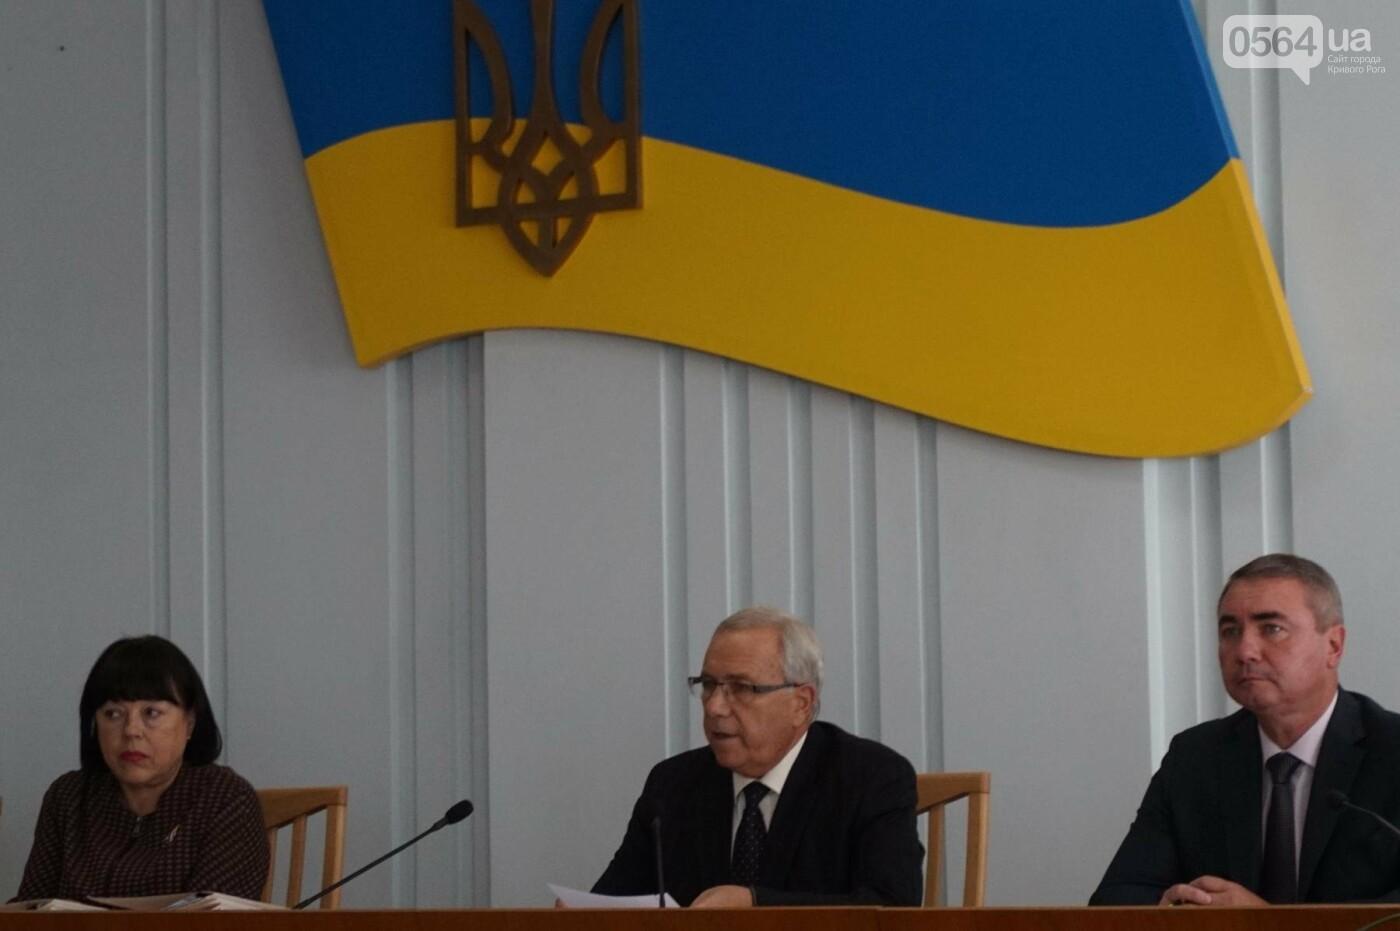 """""""Мы что, так хорошо отработали, что недостатков нет?"""" - криворожский мэр об итогах оздоровительной кампании (ФОТО), фото-4"""